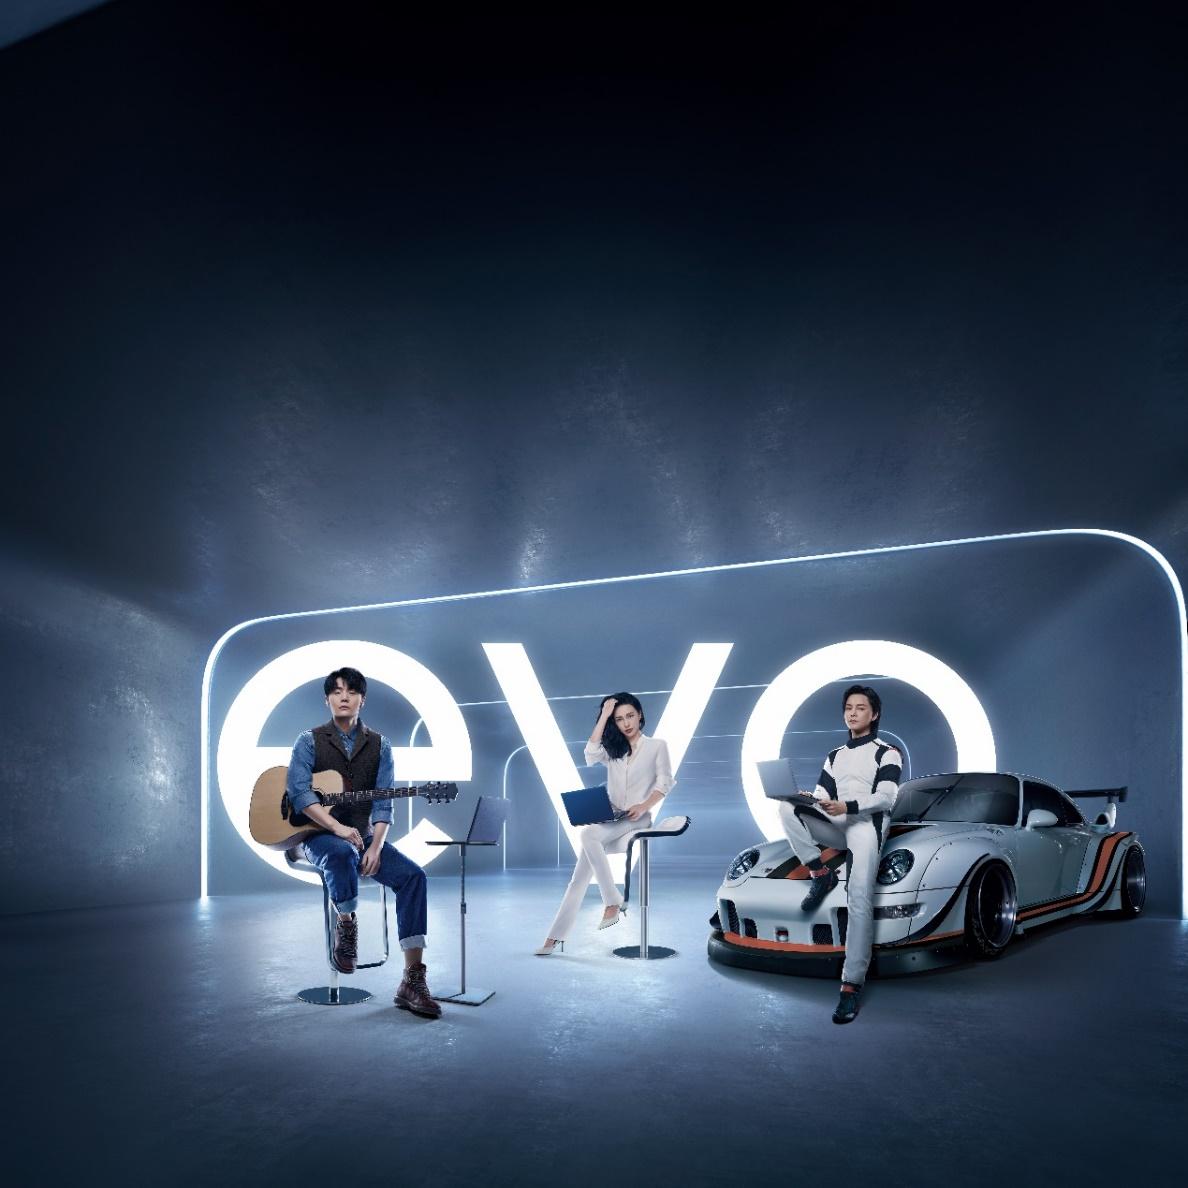 双十一在即,10款英特尔Evo产品即将火热来袭